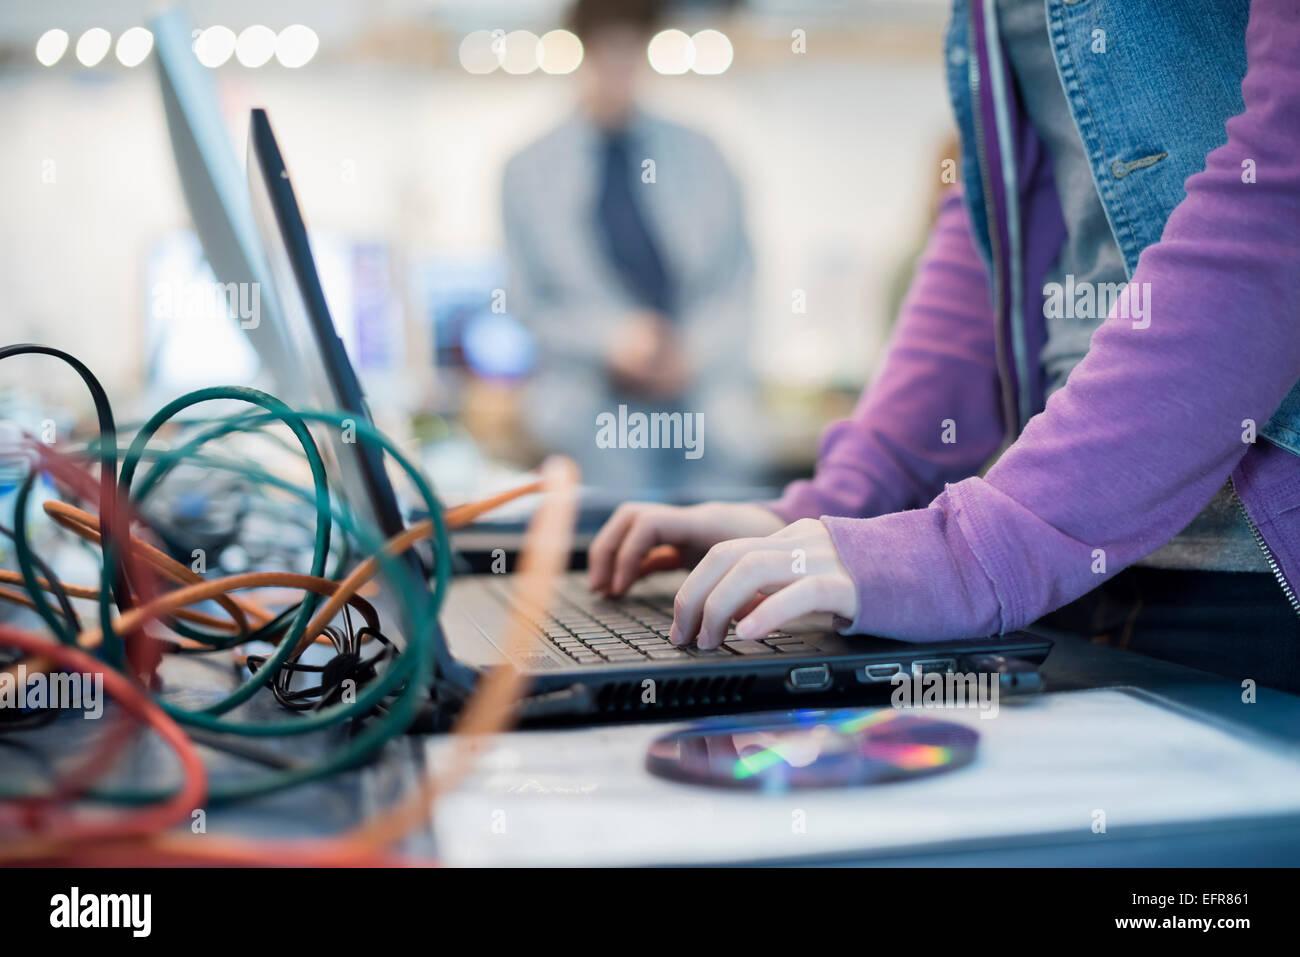 Una persona che utilizza un computer portatile. Disco e fili sul contatore. Negozio di riparazione. Immagini Stock